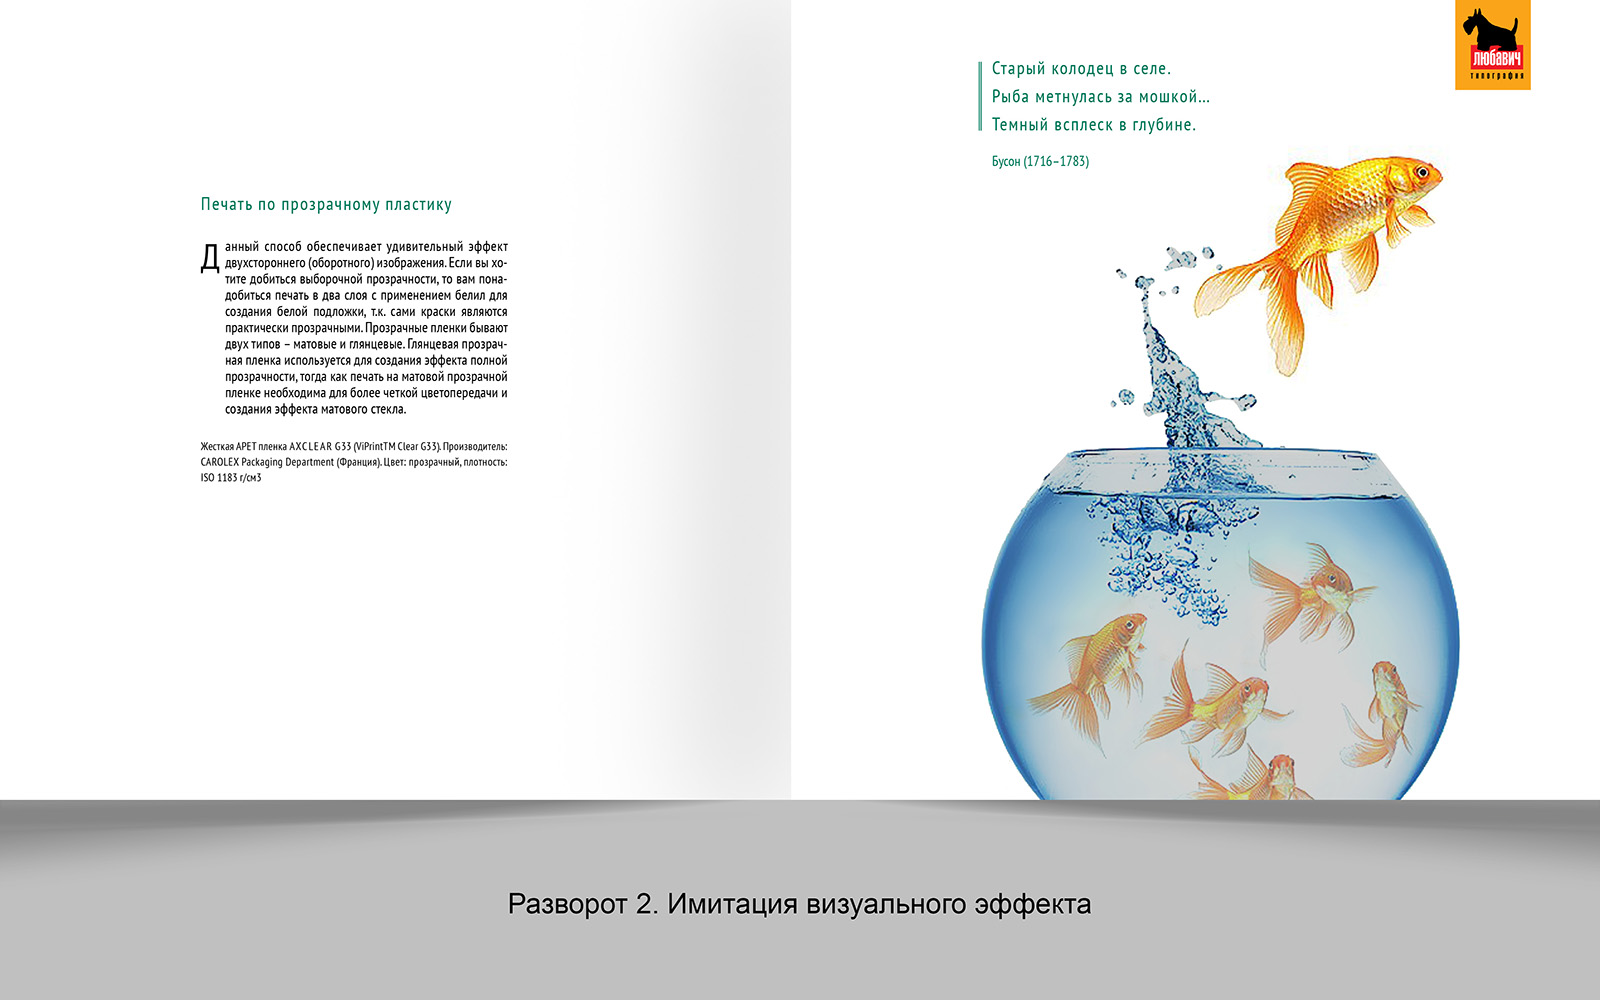 Дизайн рекламной брошюры возможностей типографии фото f_5225648d4b0ad6bb.jpg